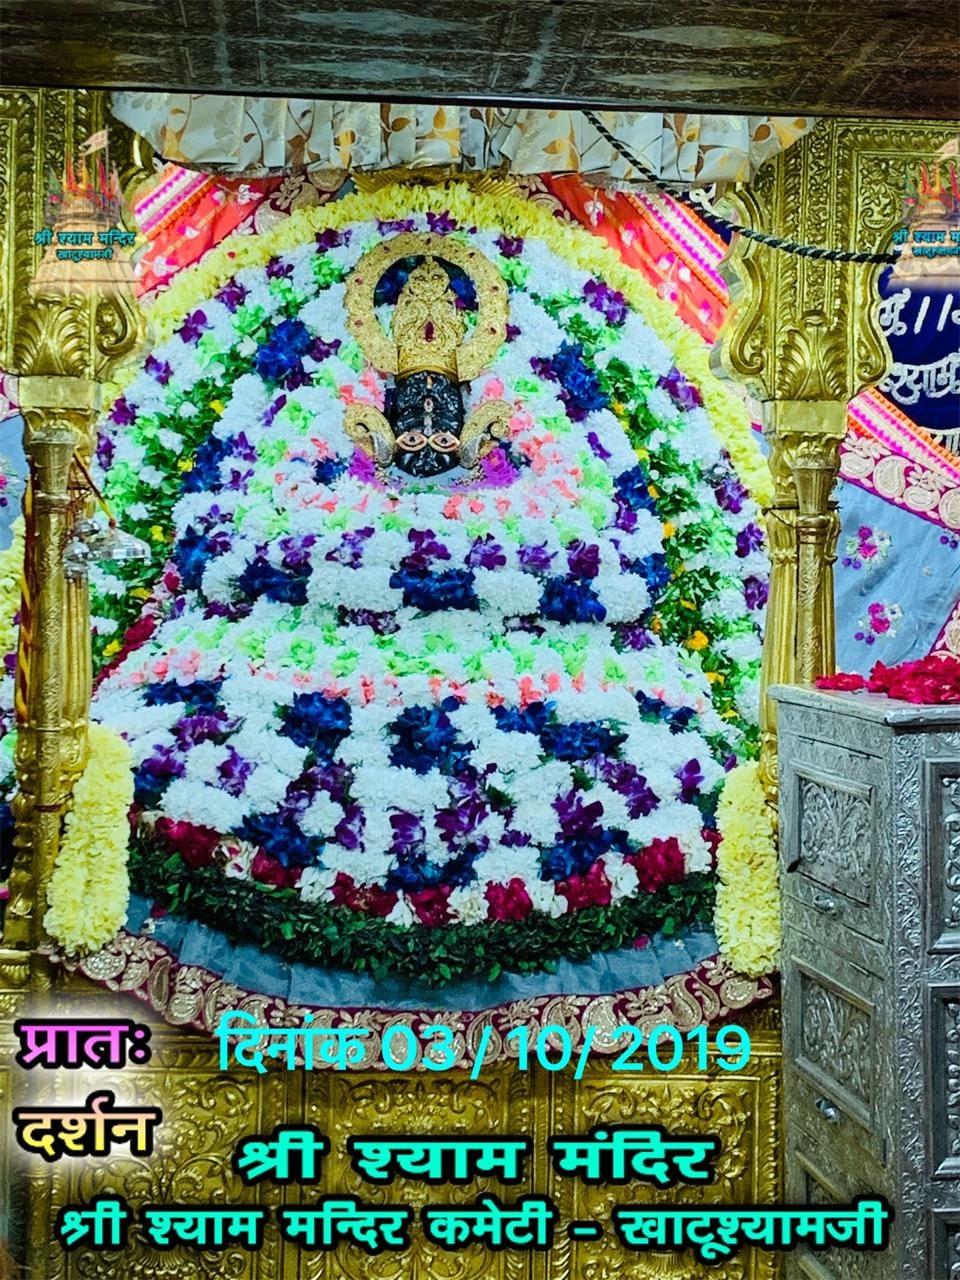 khatu shyam darshan 03.10.2019